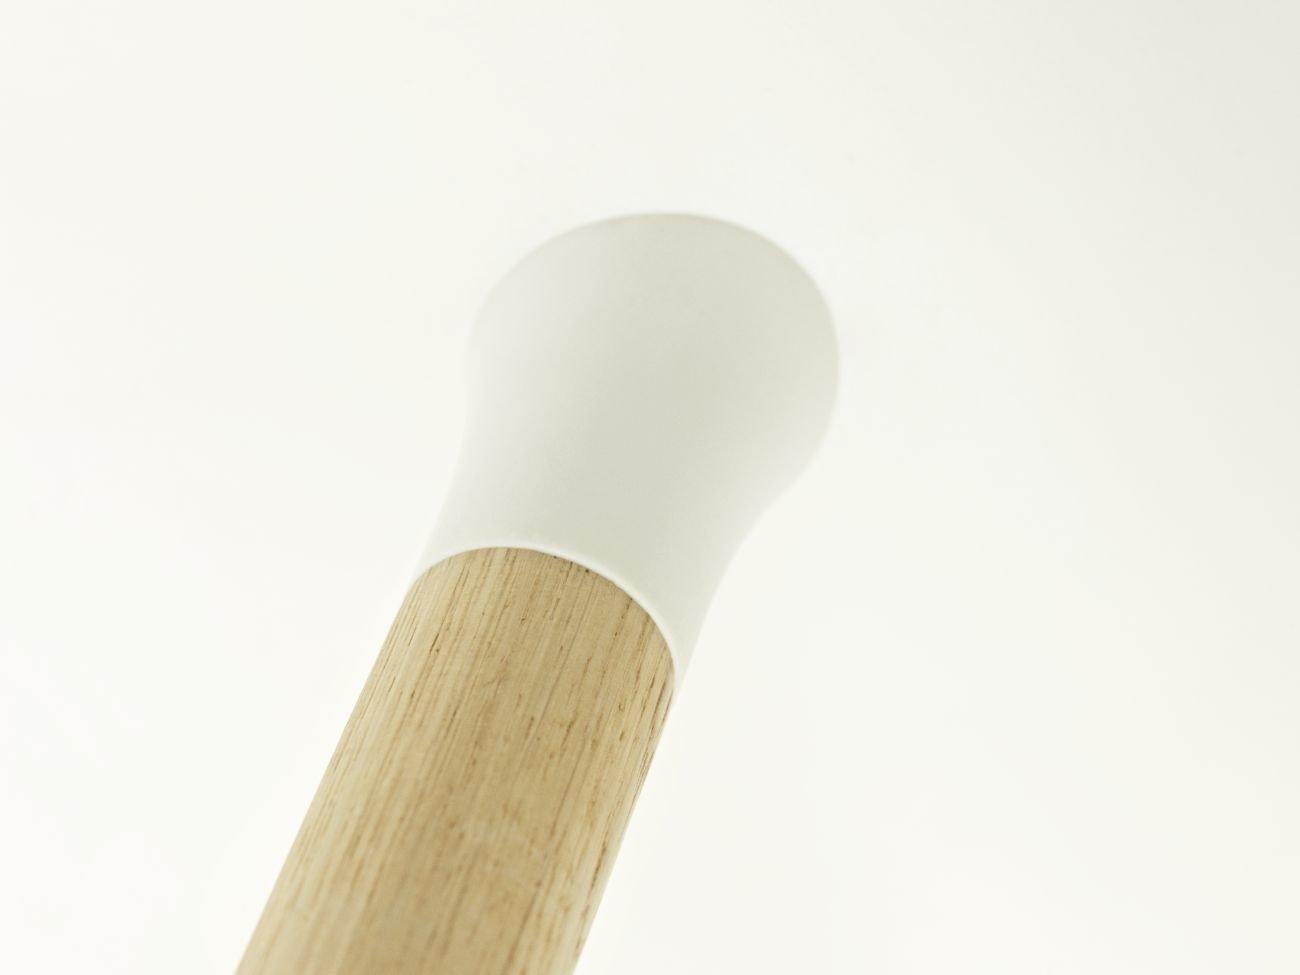 Normann Copenhagen Form Barstool Barstool Barstool 65 cm Weiß Oak daecc5